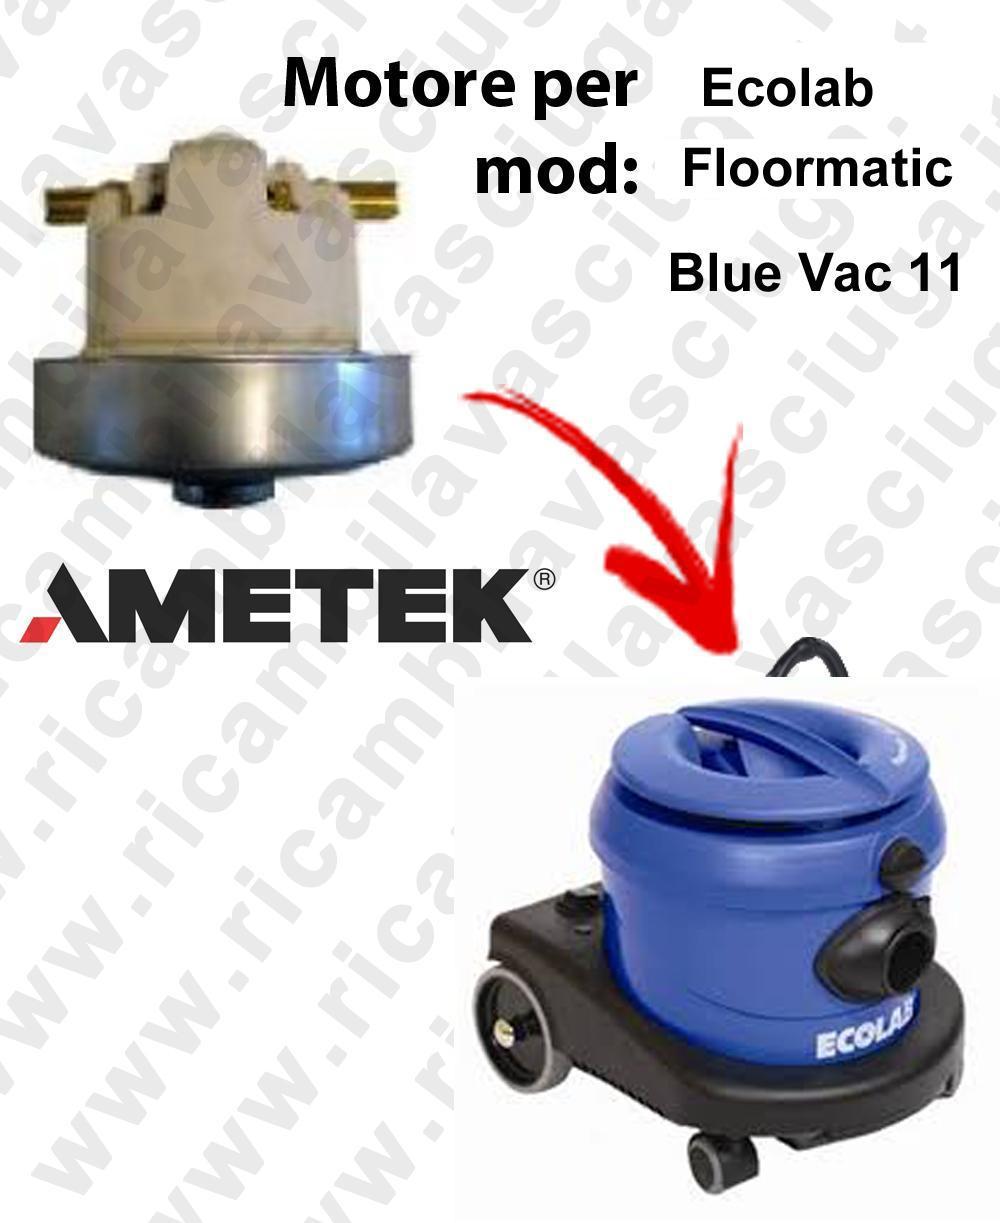 BLUE VAC 11 FLOORMATIC Saugmotor AMETEK für Staubsauger ECOLAB